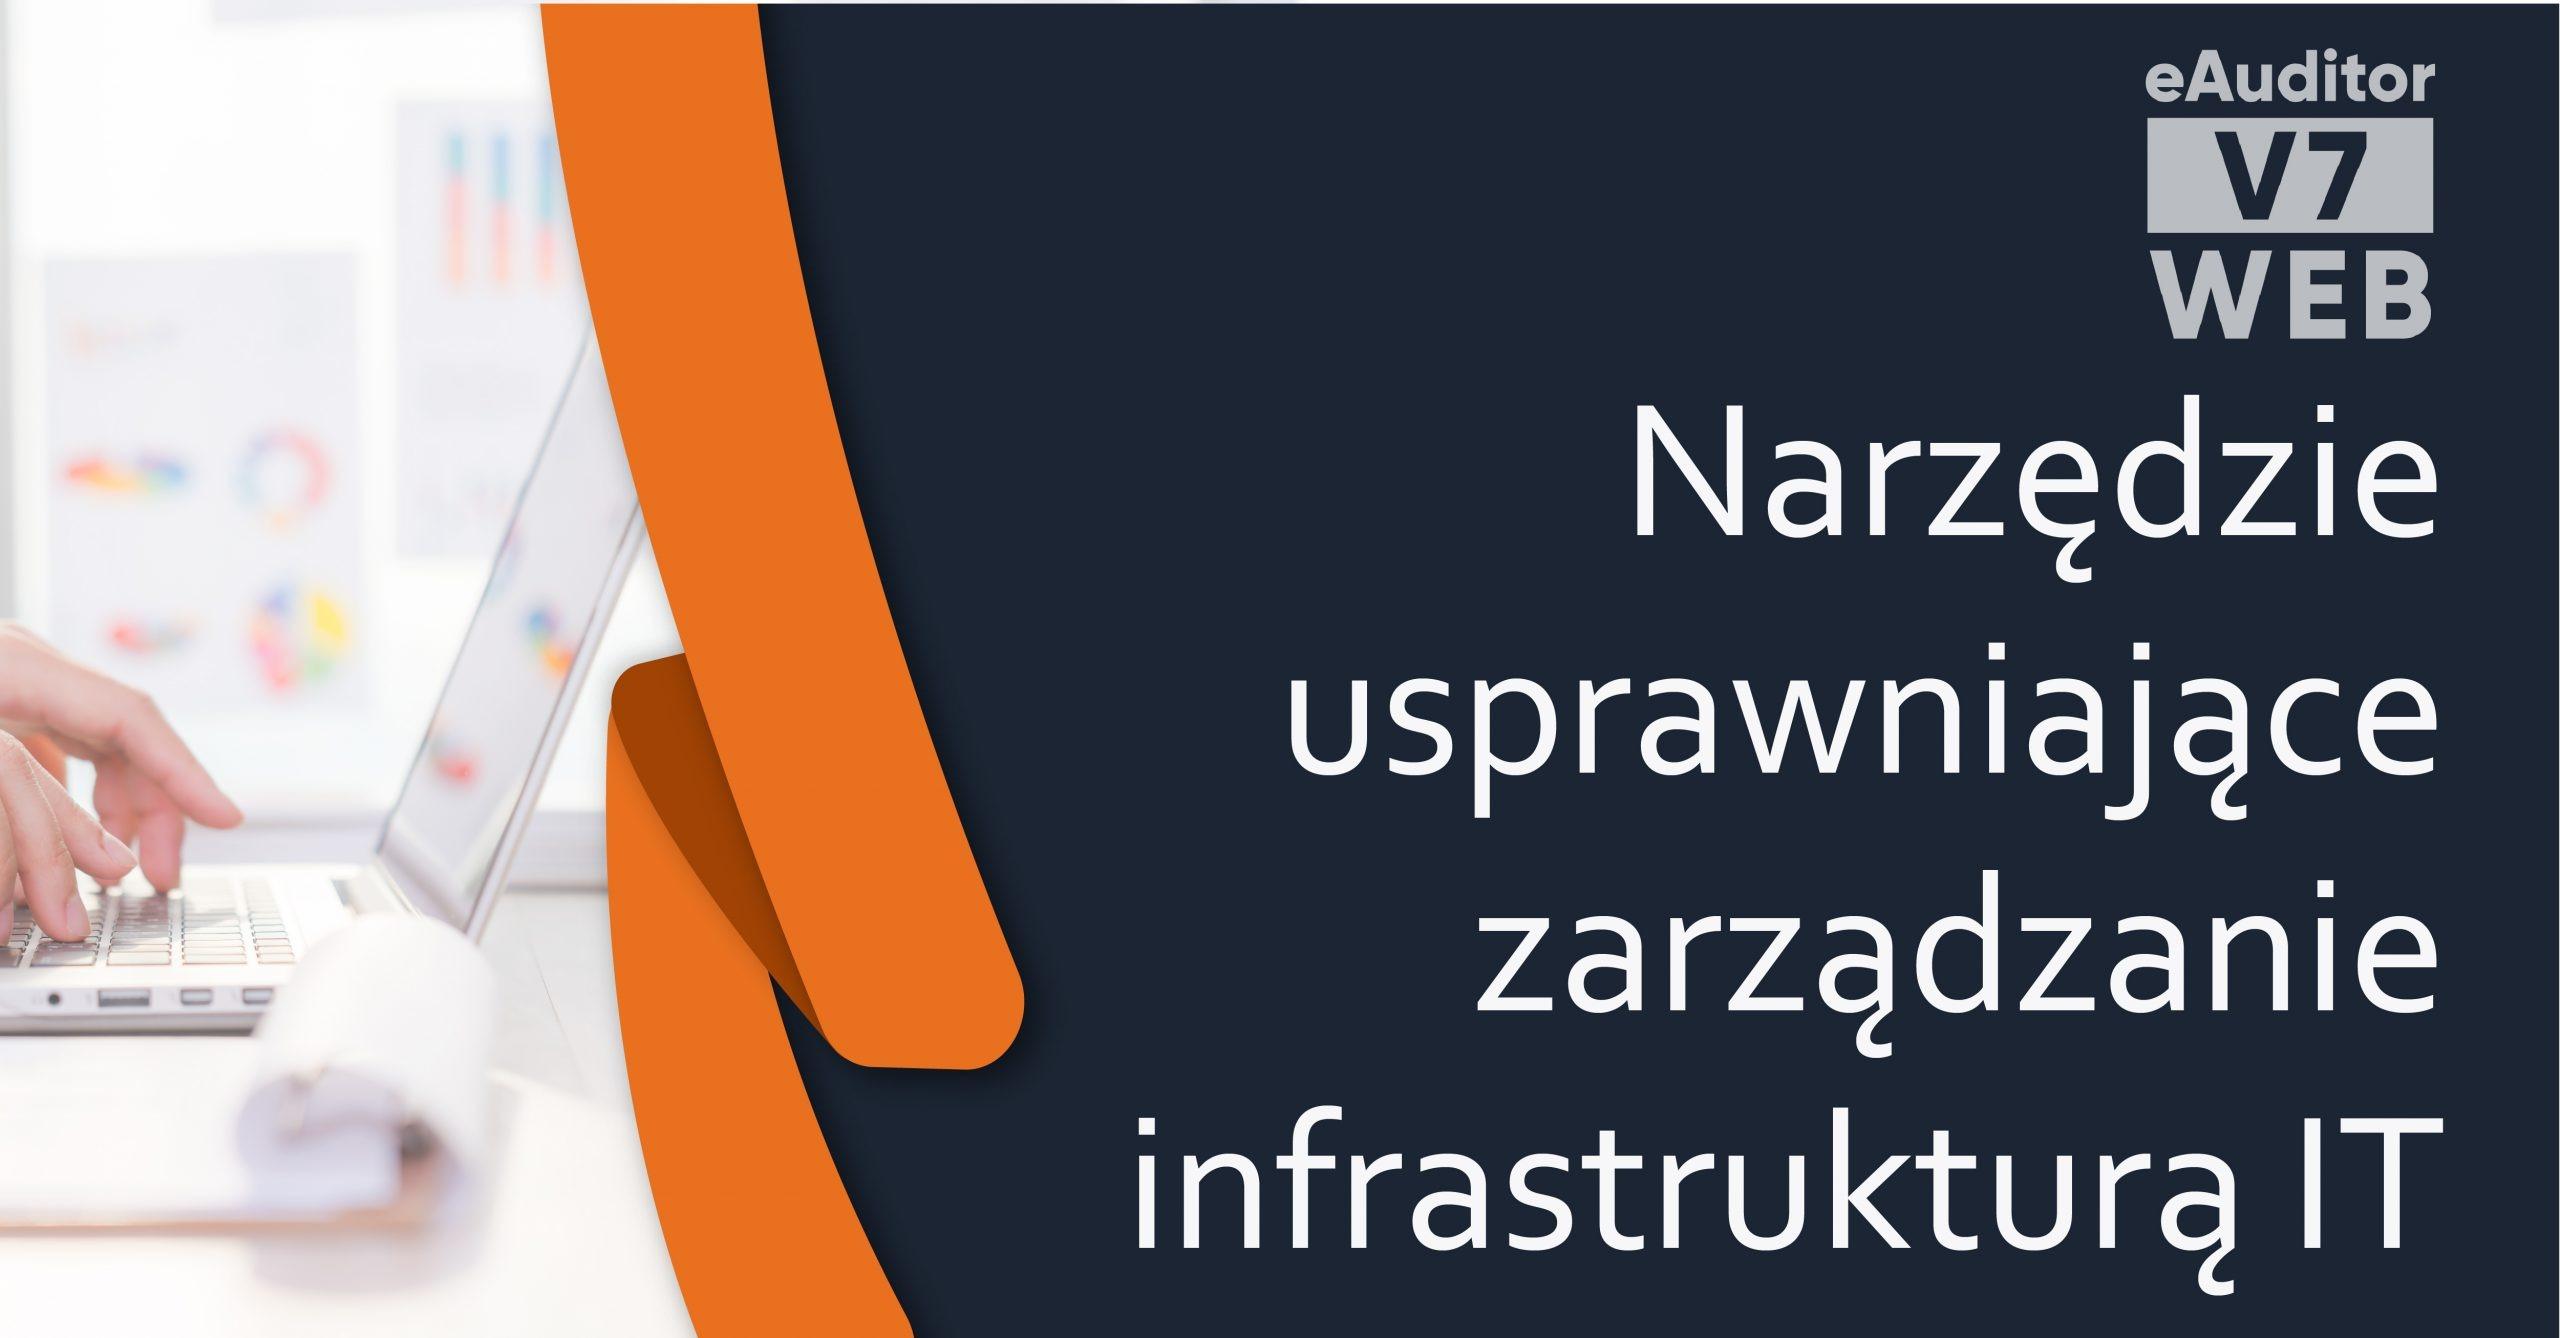 Narzędzie usprawniające zarządzanie infrastrukturą IT